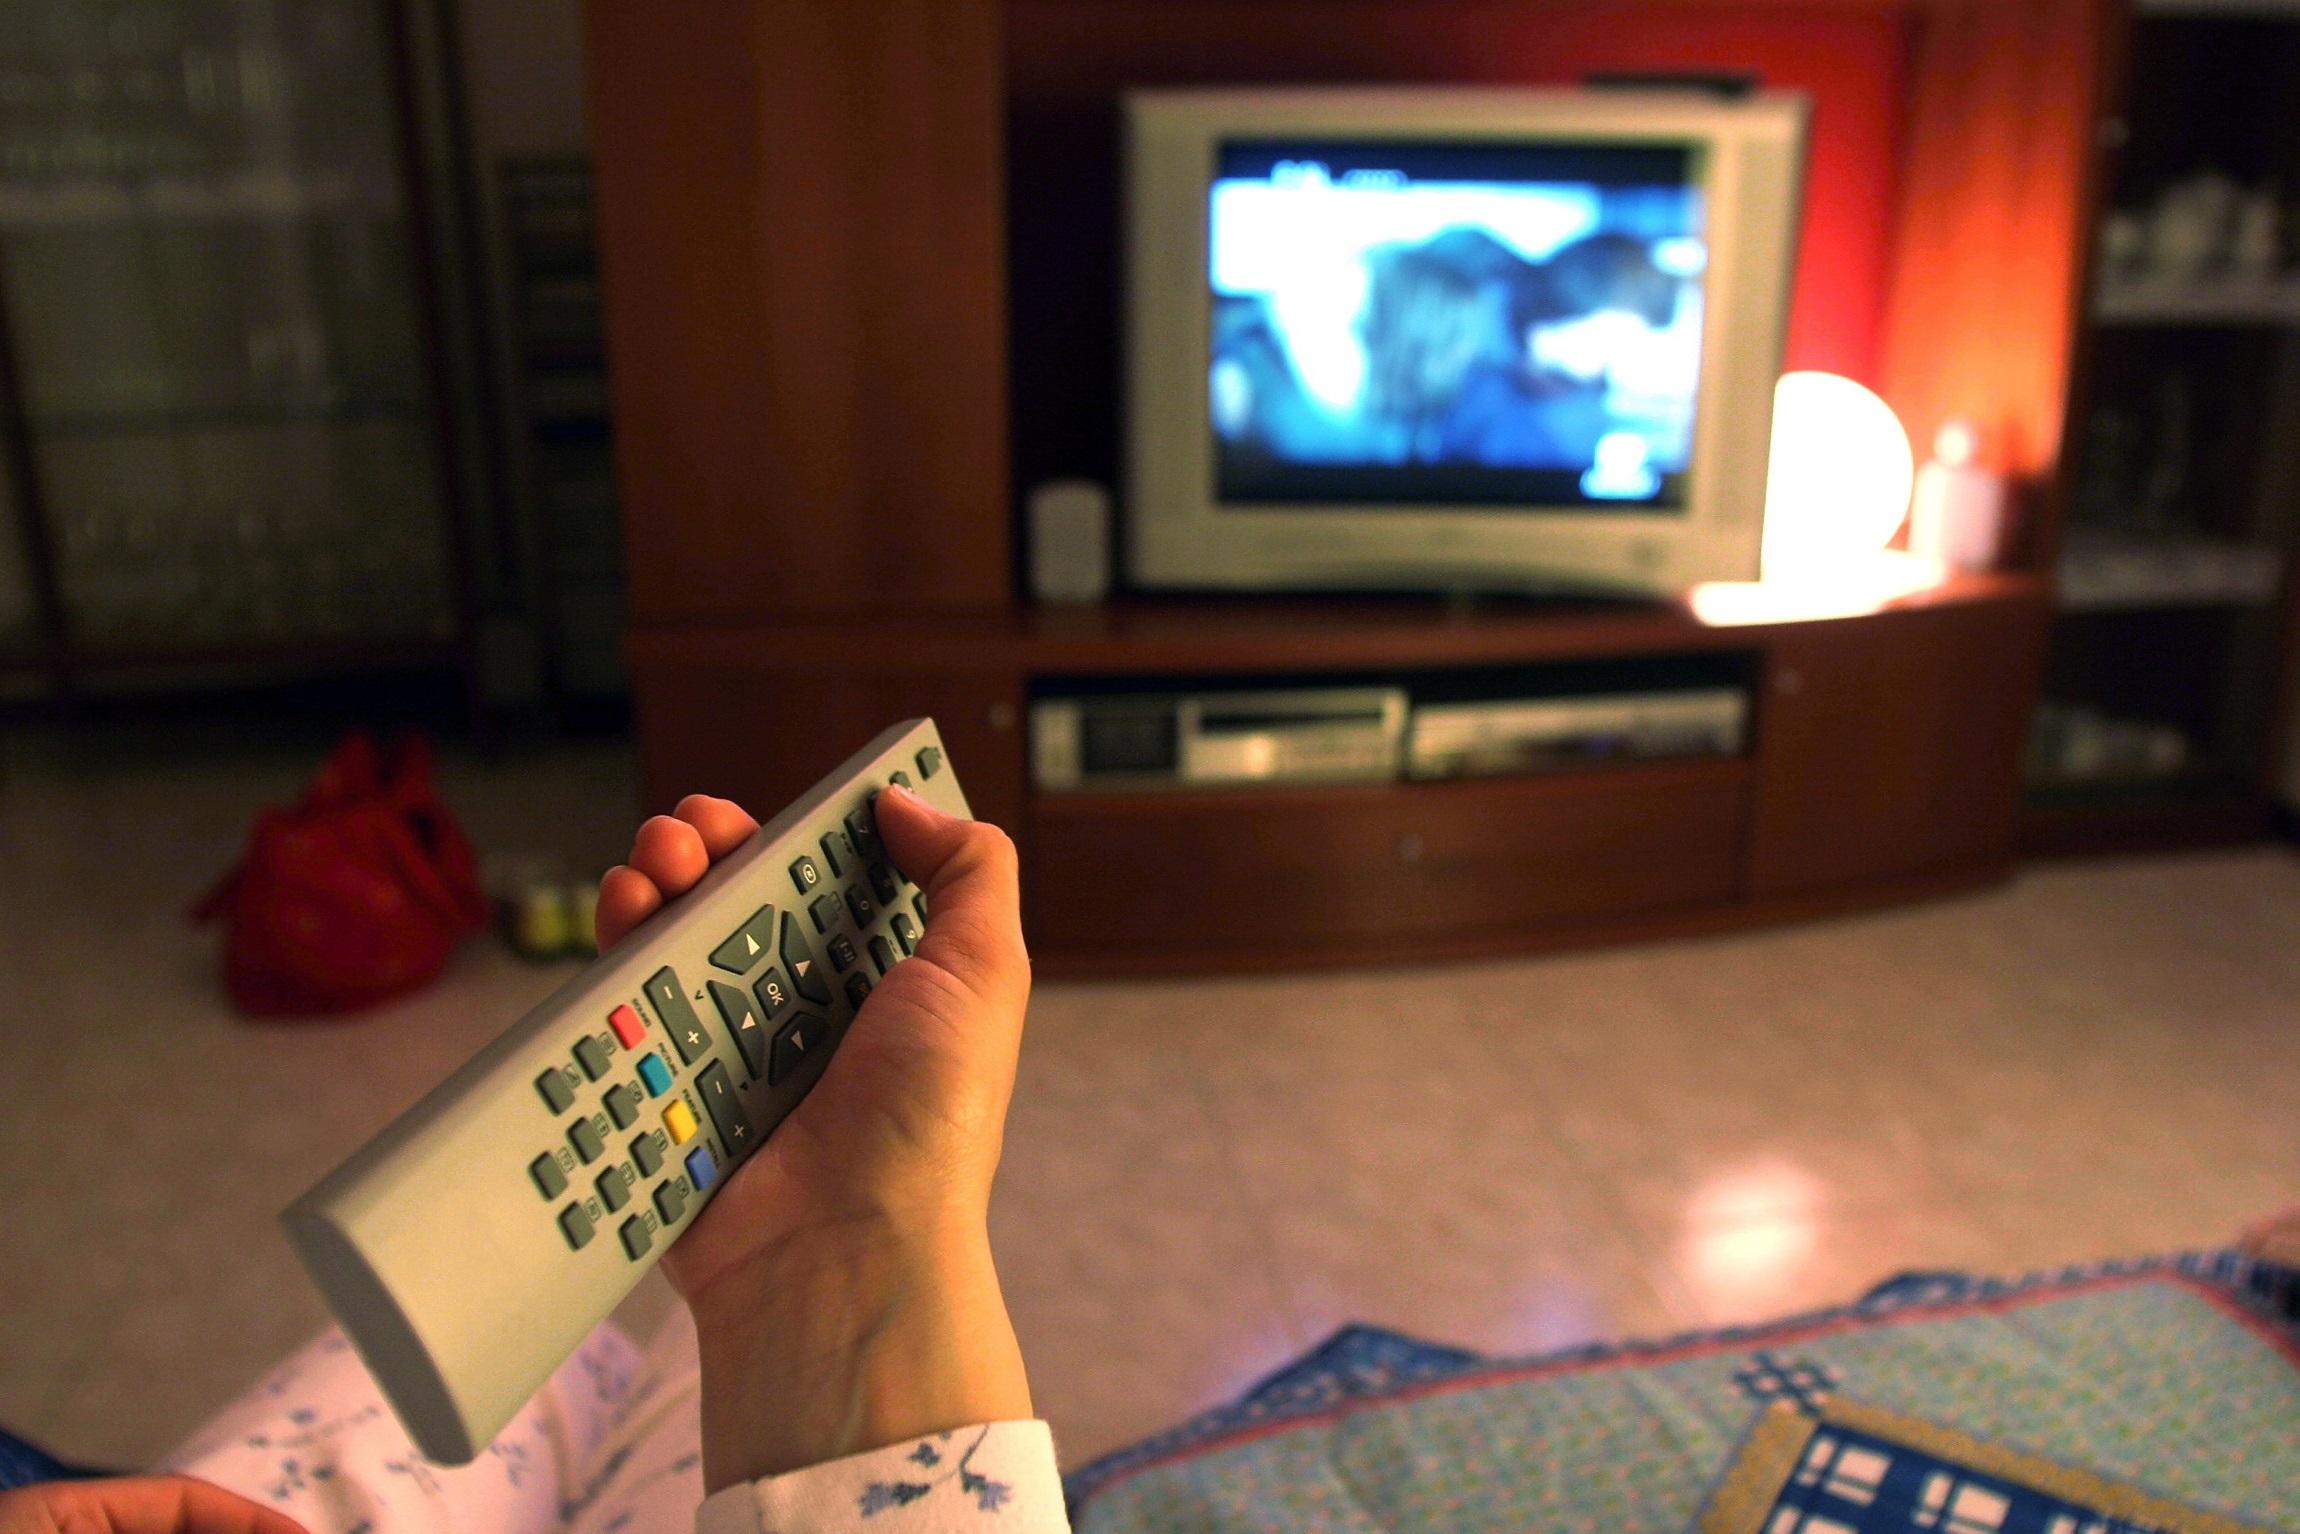 DONNA GUARDA LA TELEVISIONE, TELECOMANDO, TELEVISORE